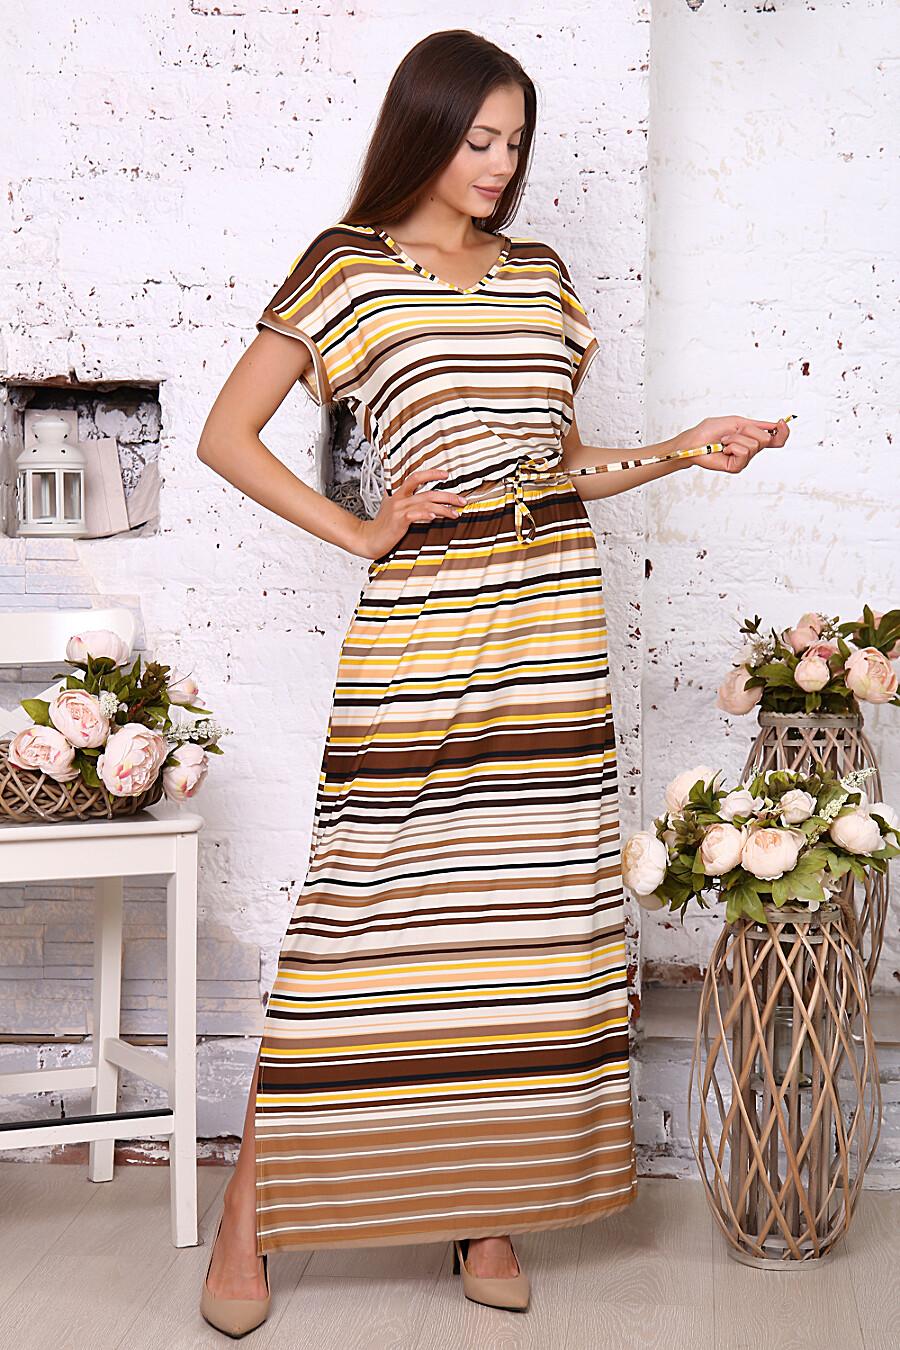 Платье 26035 для женщин НАТАЛИ 683241 купить оптом от производителя. Совместная покупка женской одежды в OptMoyo